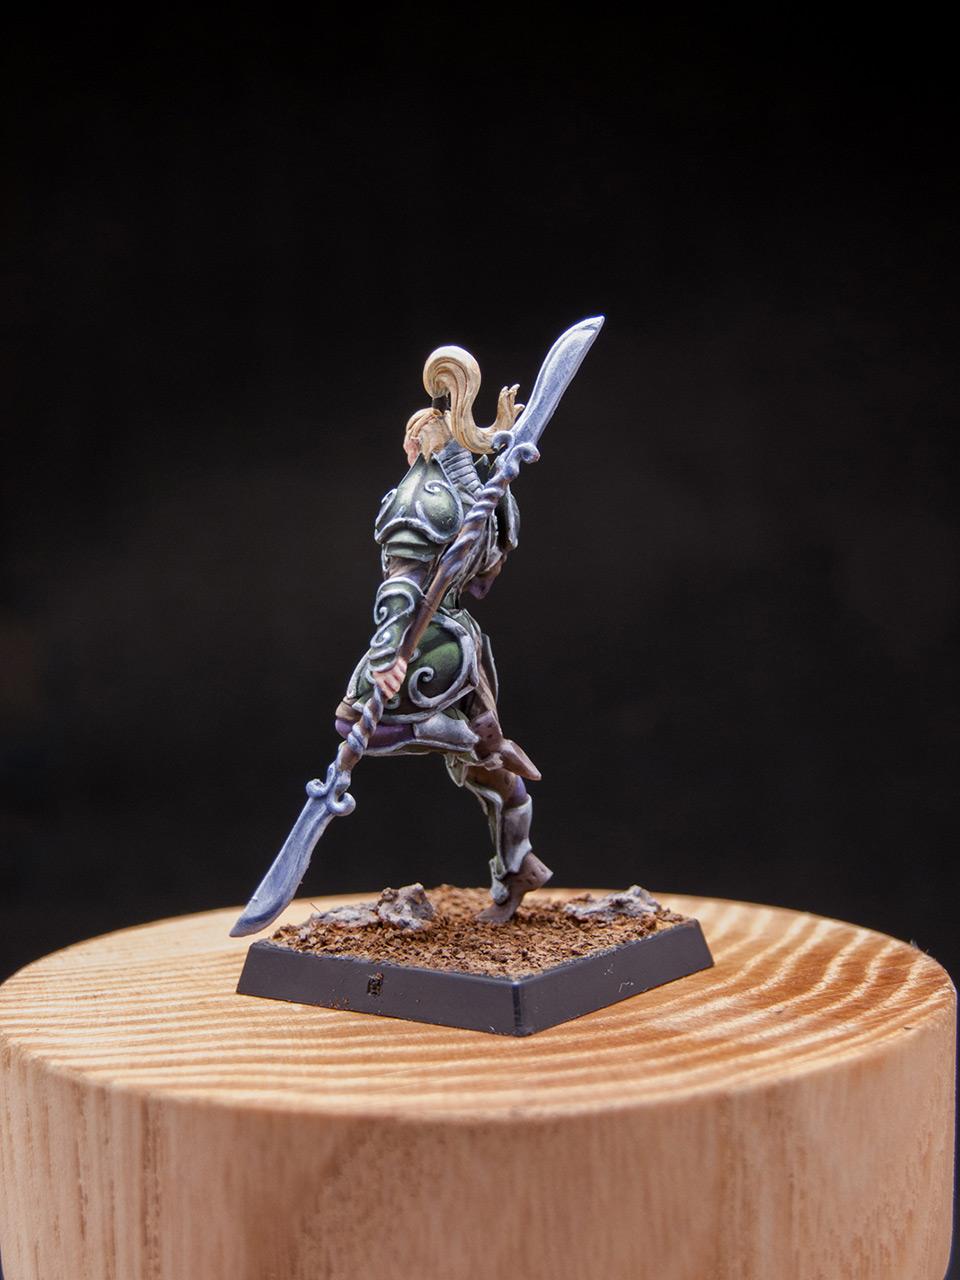 Разное: Эльфы Серебряной гвардии, фото #12